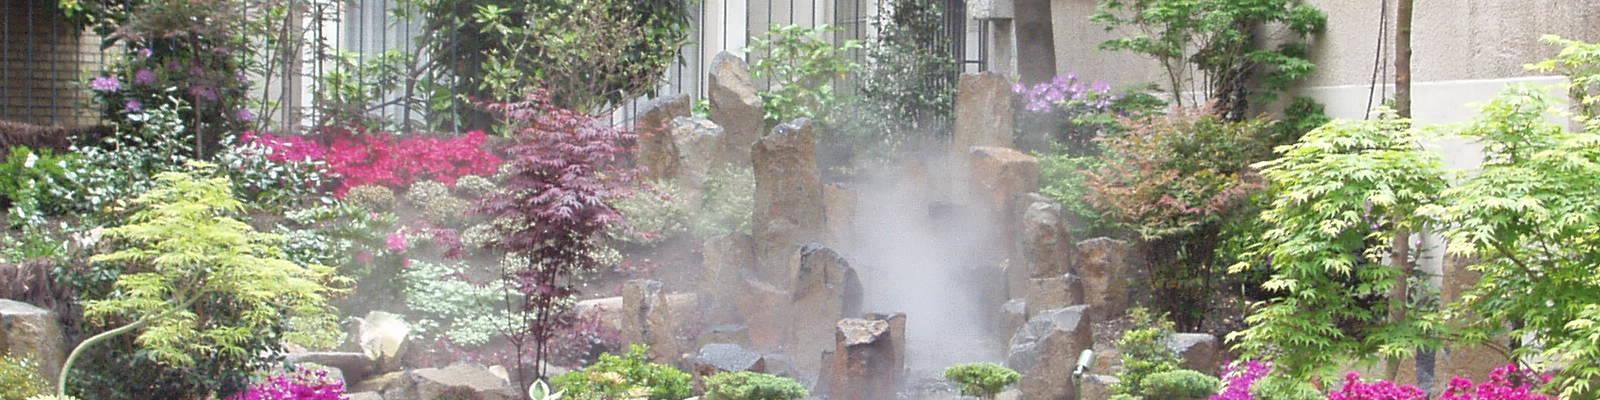 L'eau dans nos jardins: entre vie et rêverie